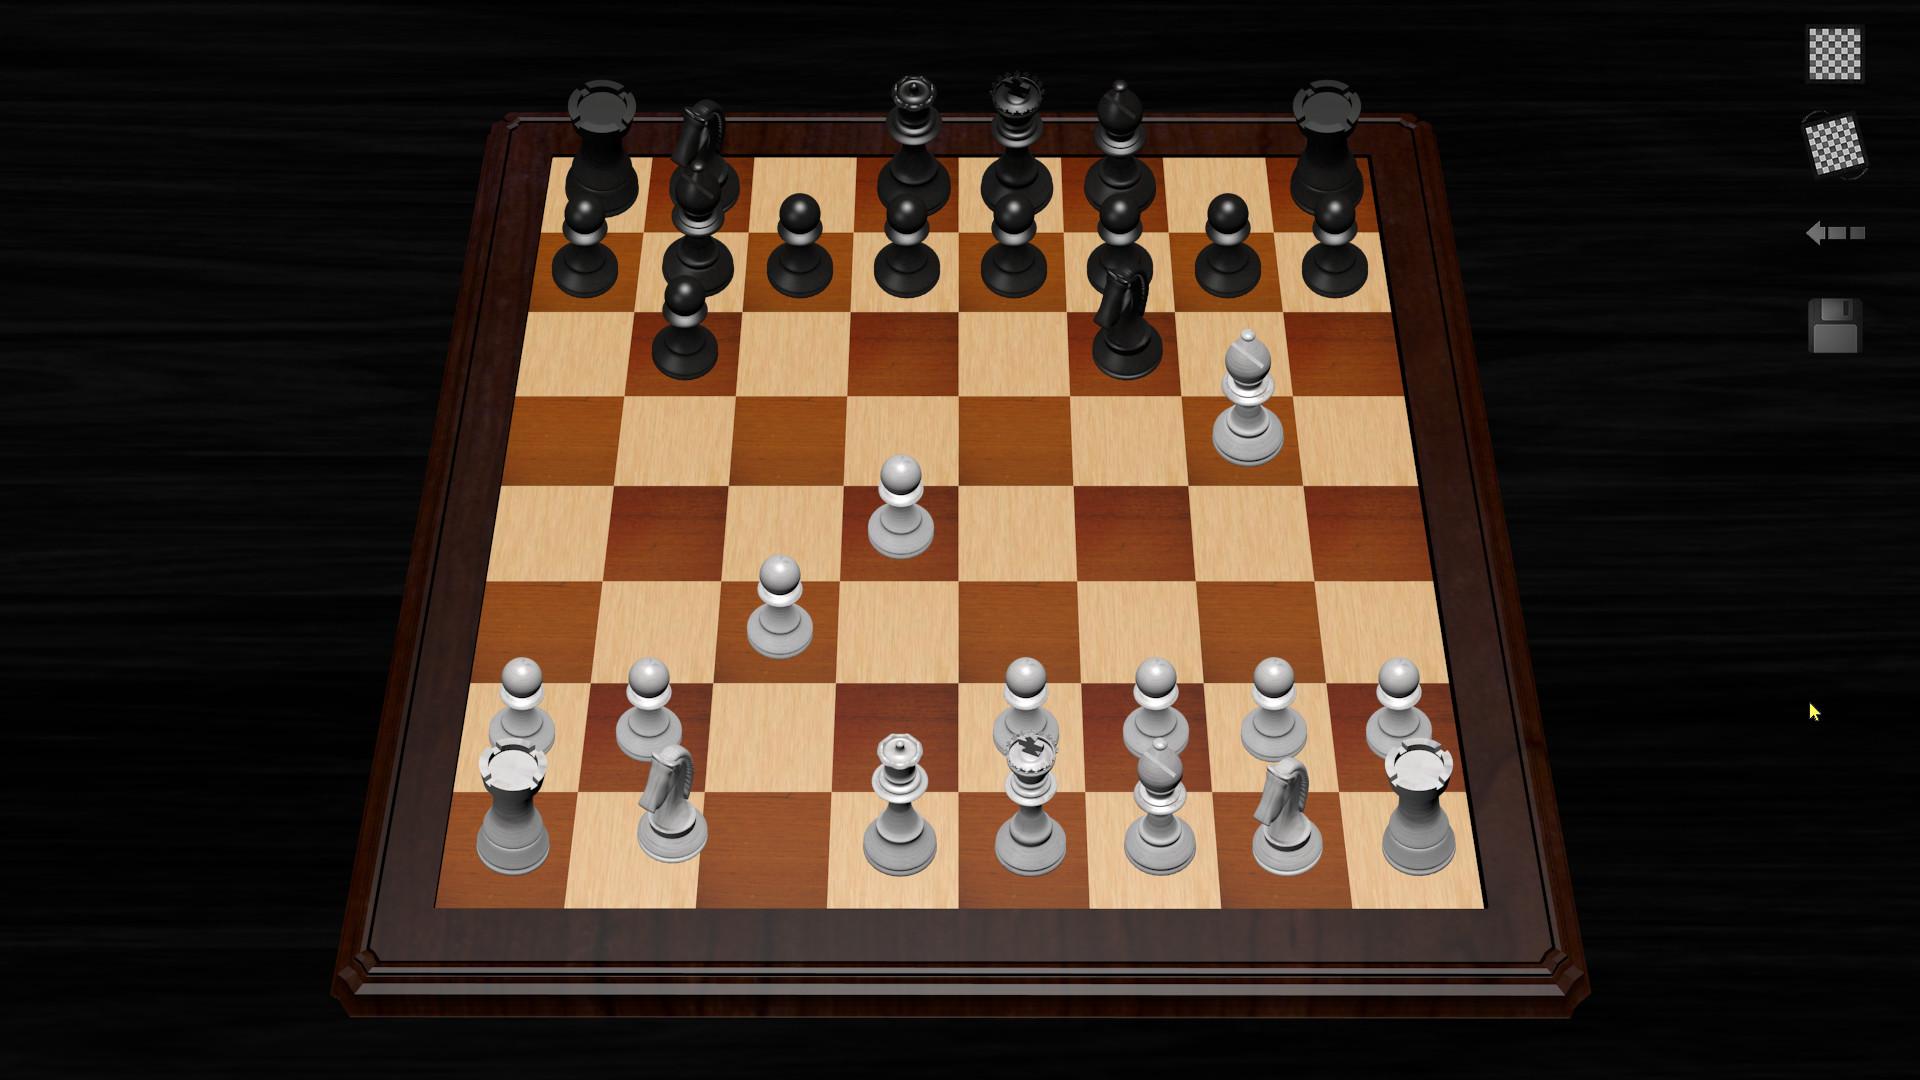 Screenshot 1 - Free Chess